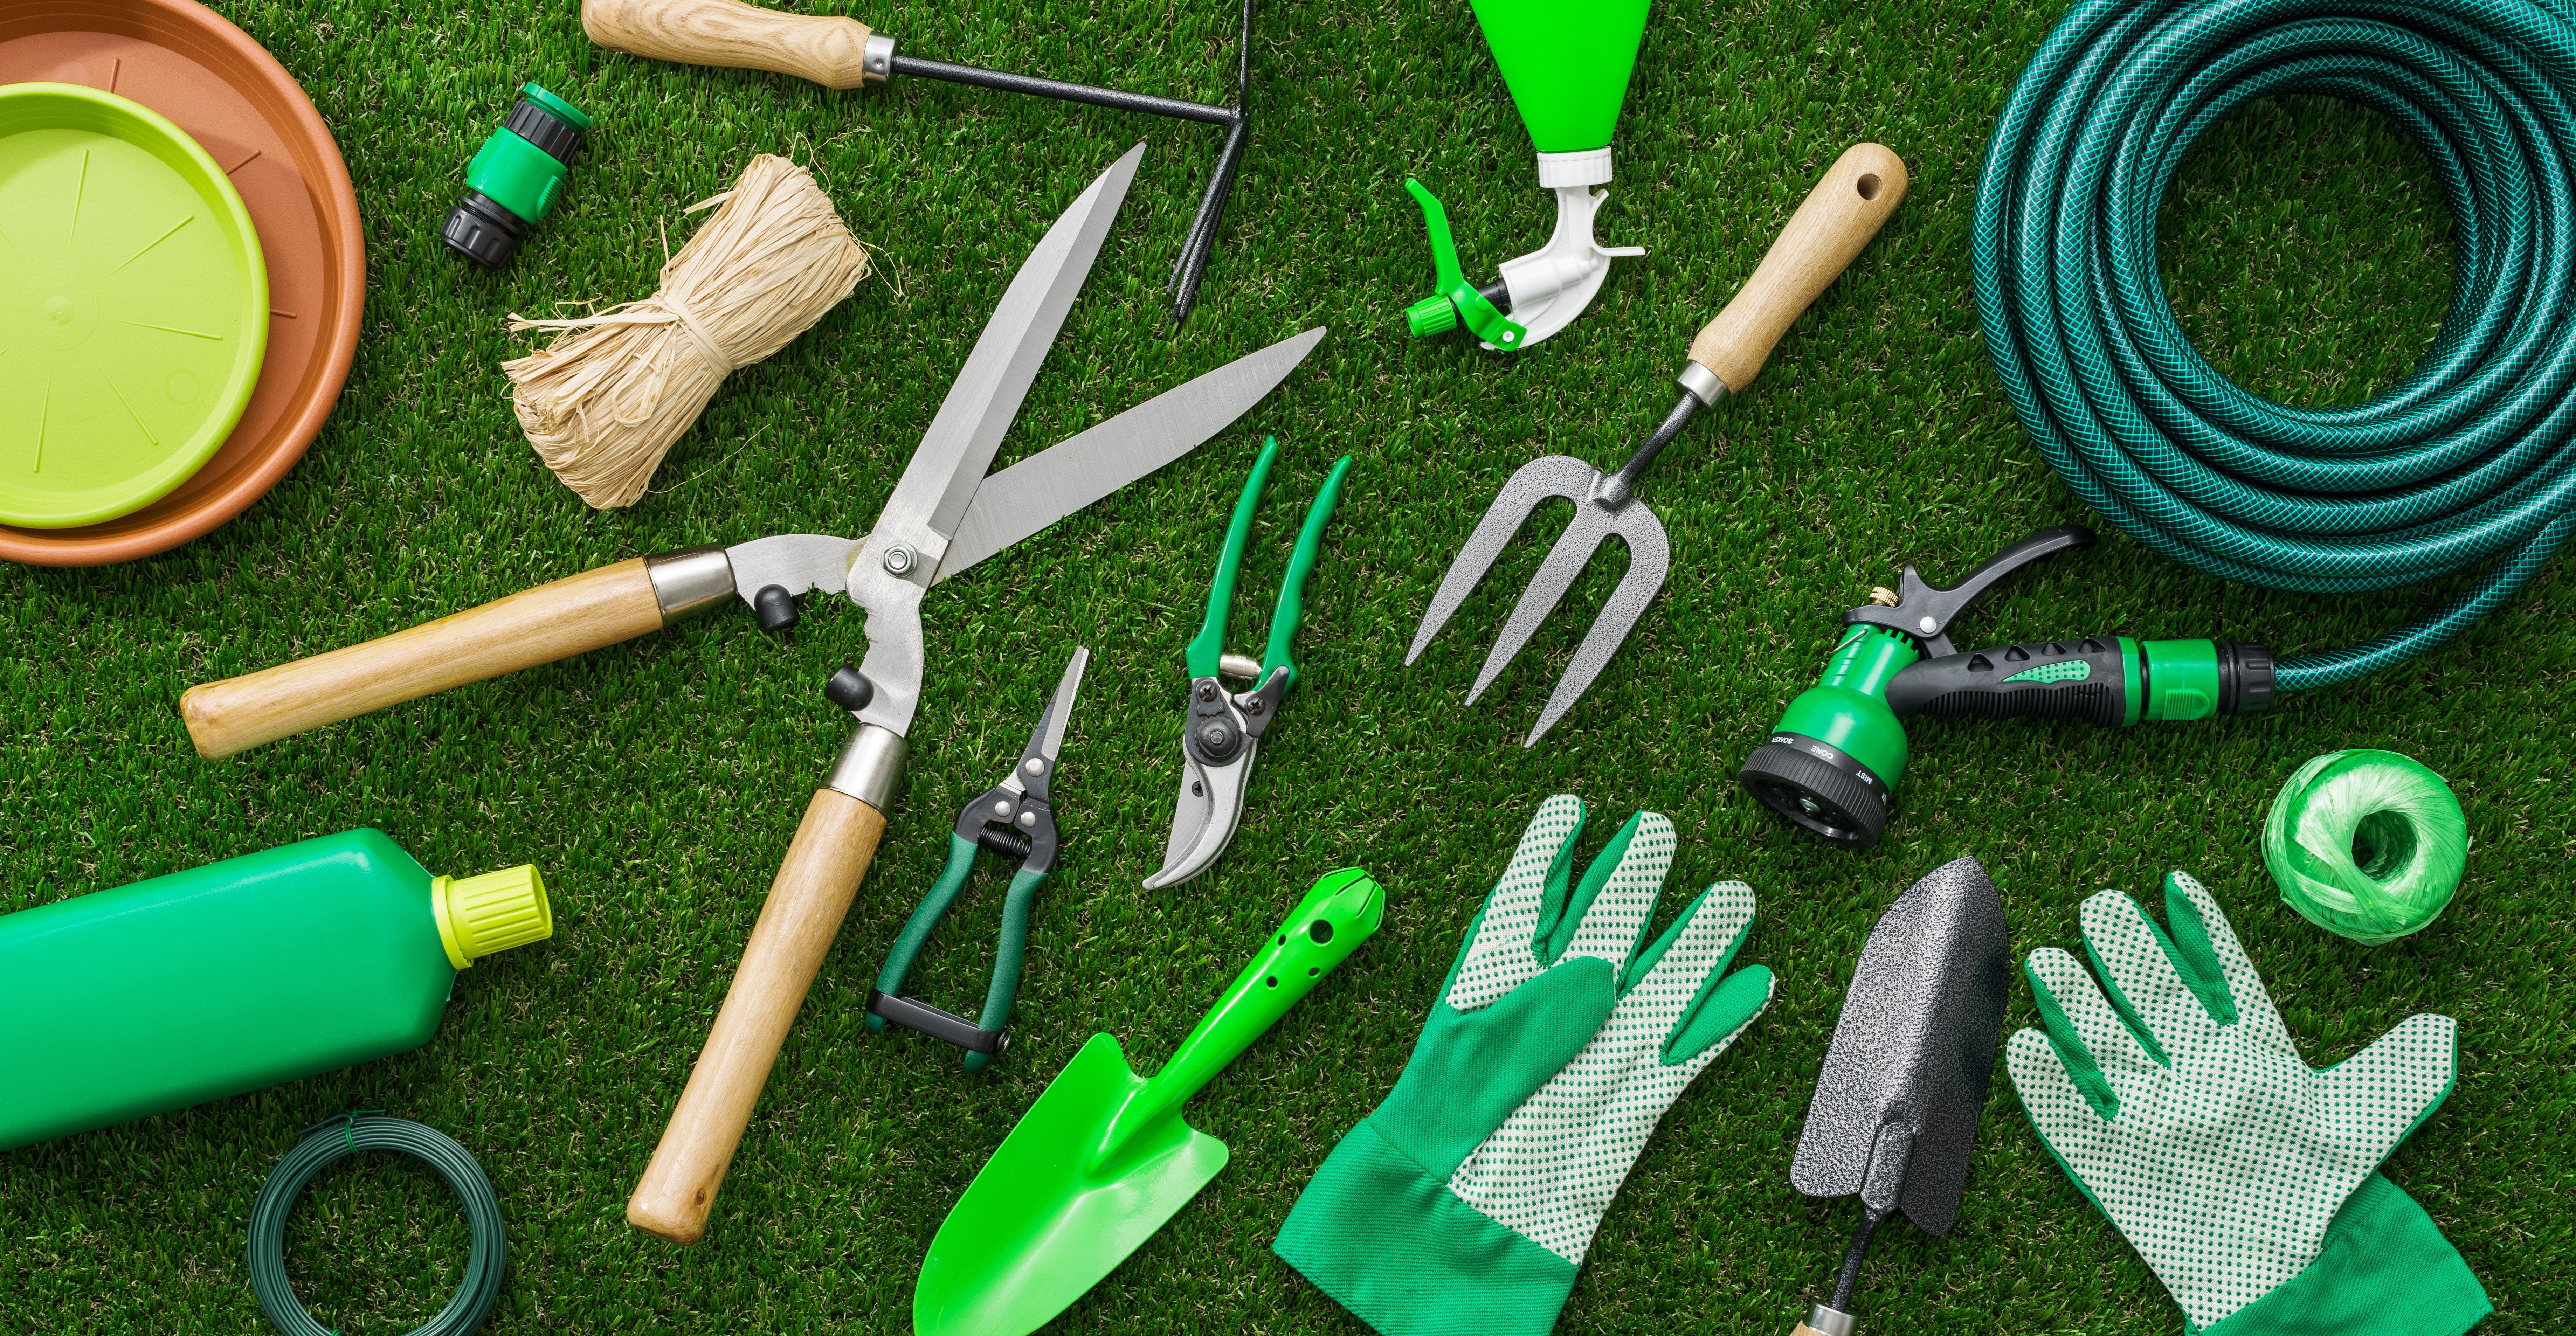 Narzędzia ogrodnicze – które są najpotrzebniejsze?